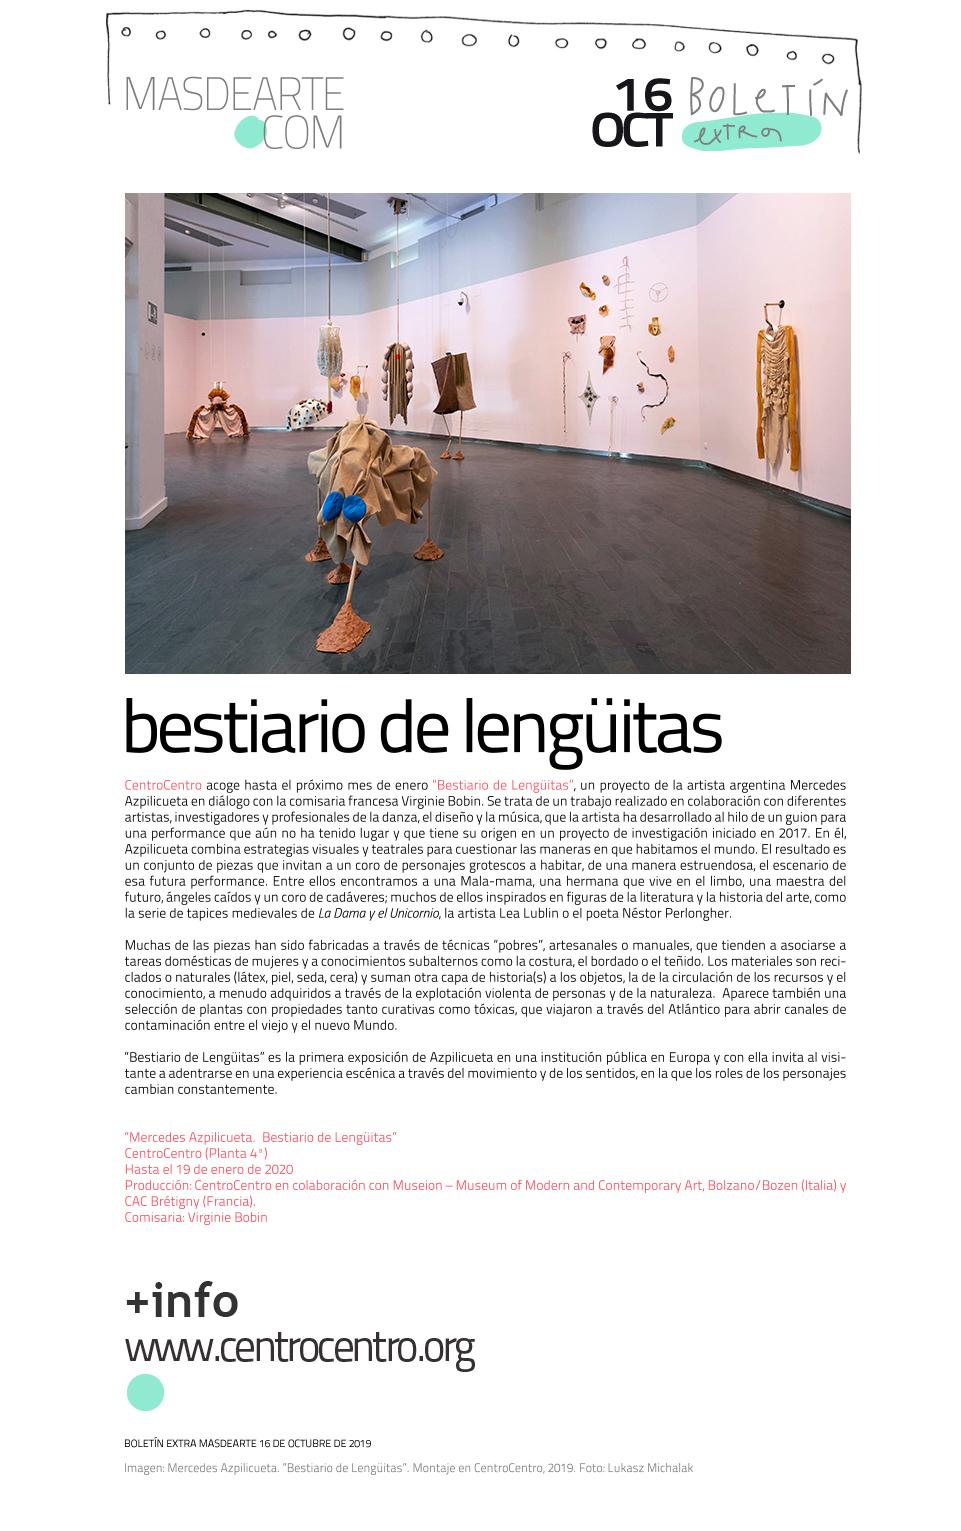 Extra masdearte: Mercedes Azpilicueta presenta su ''Bestiario de Lengüitas''  en CentroCentro